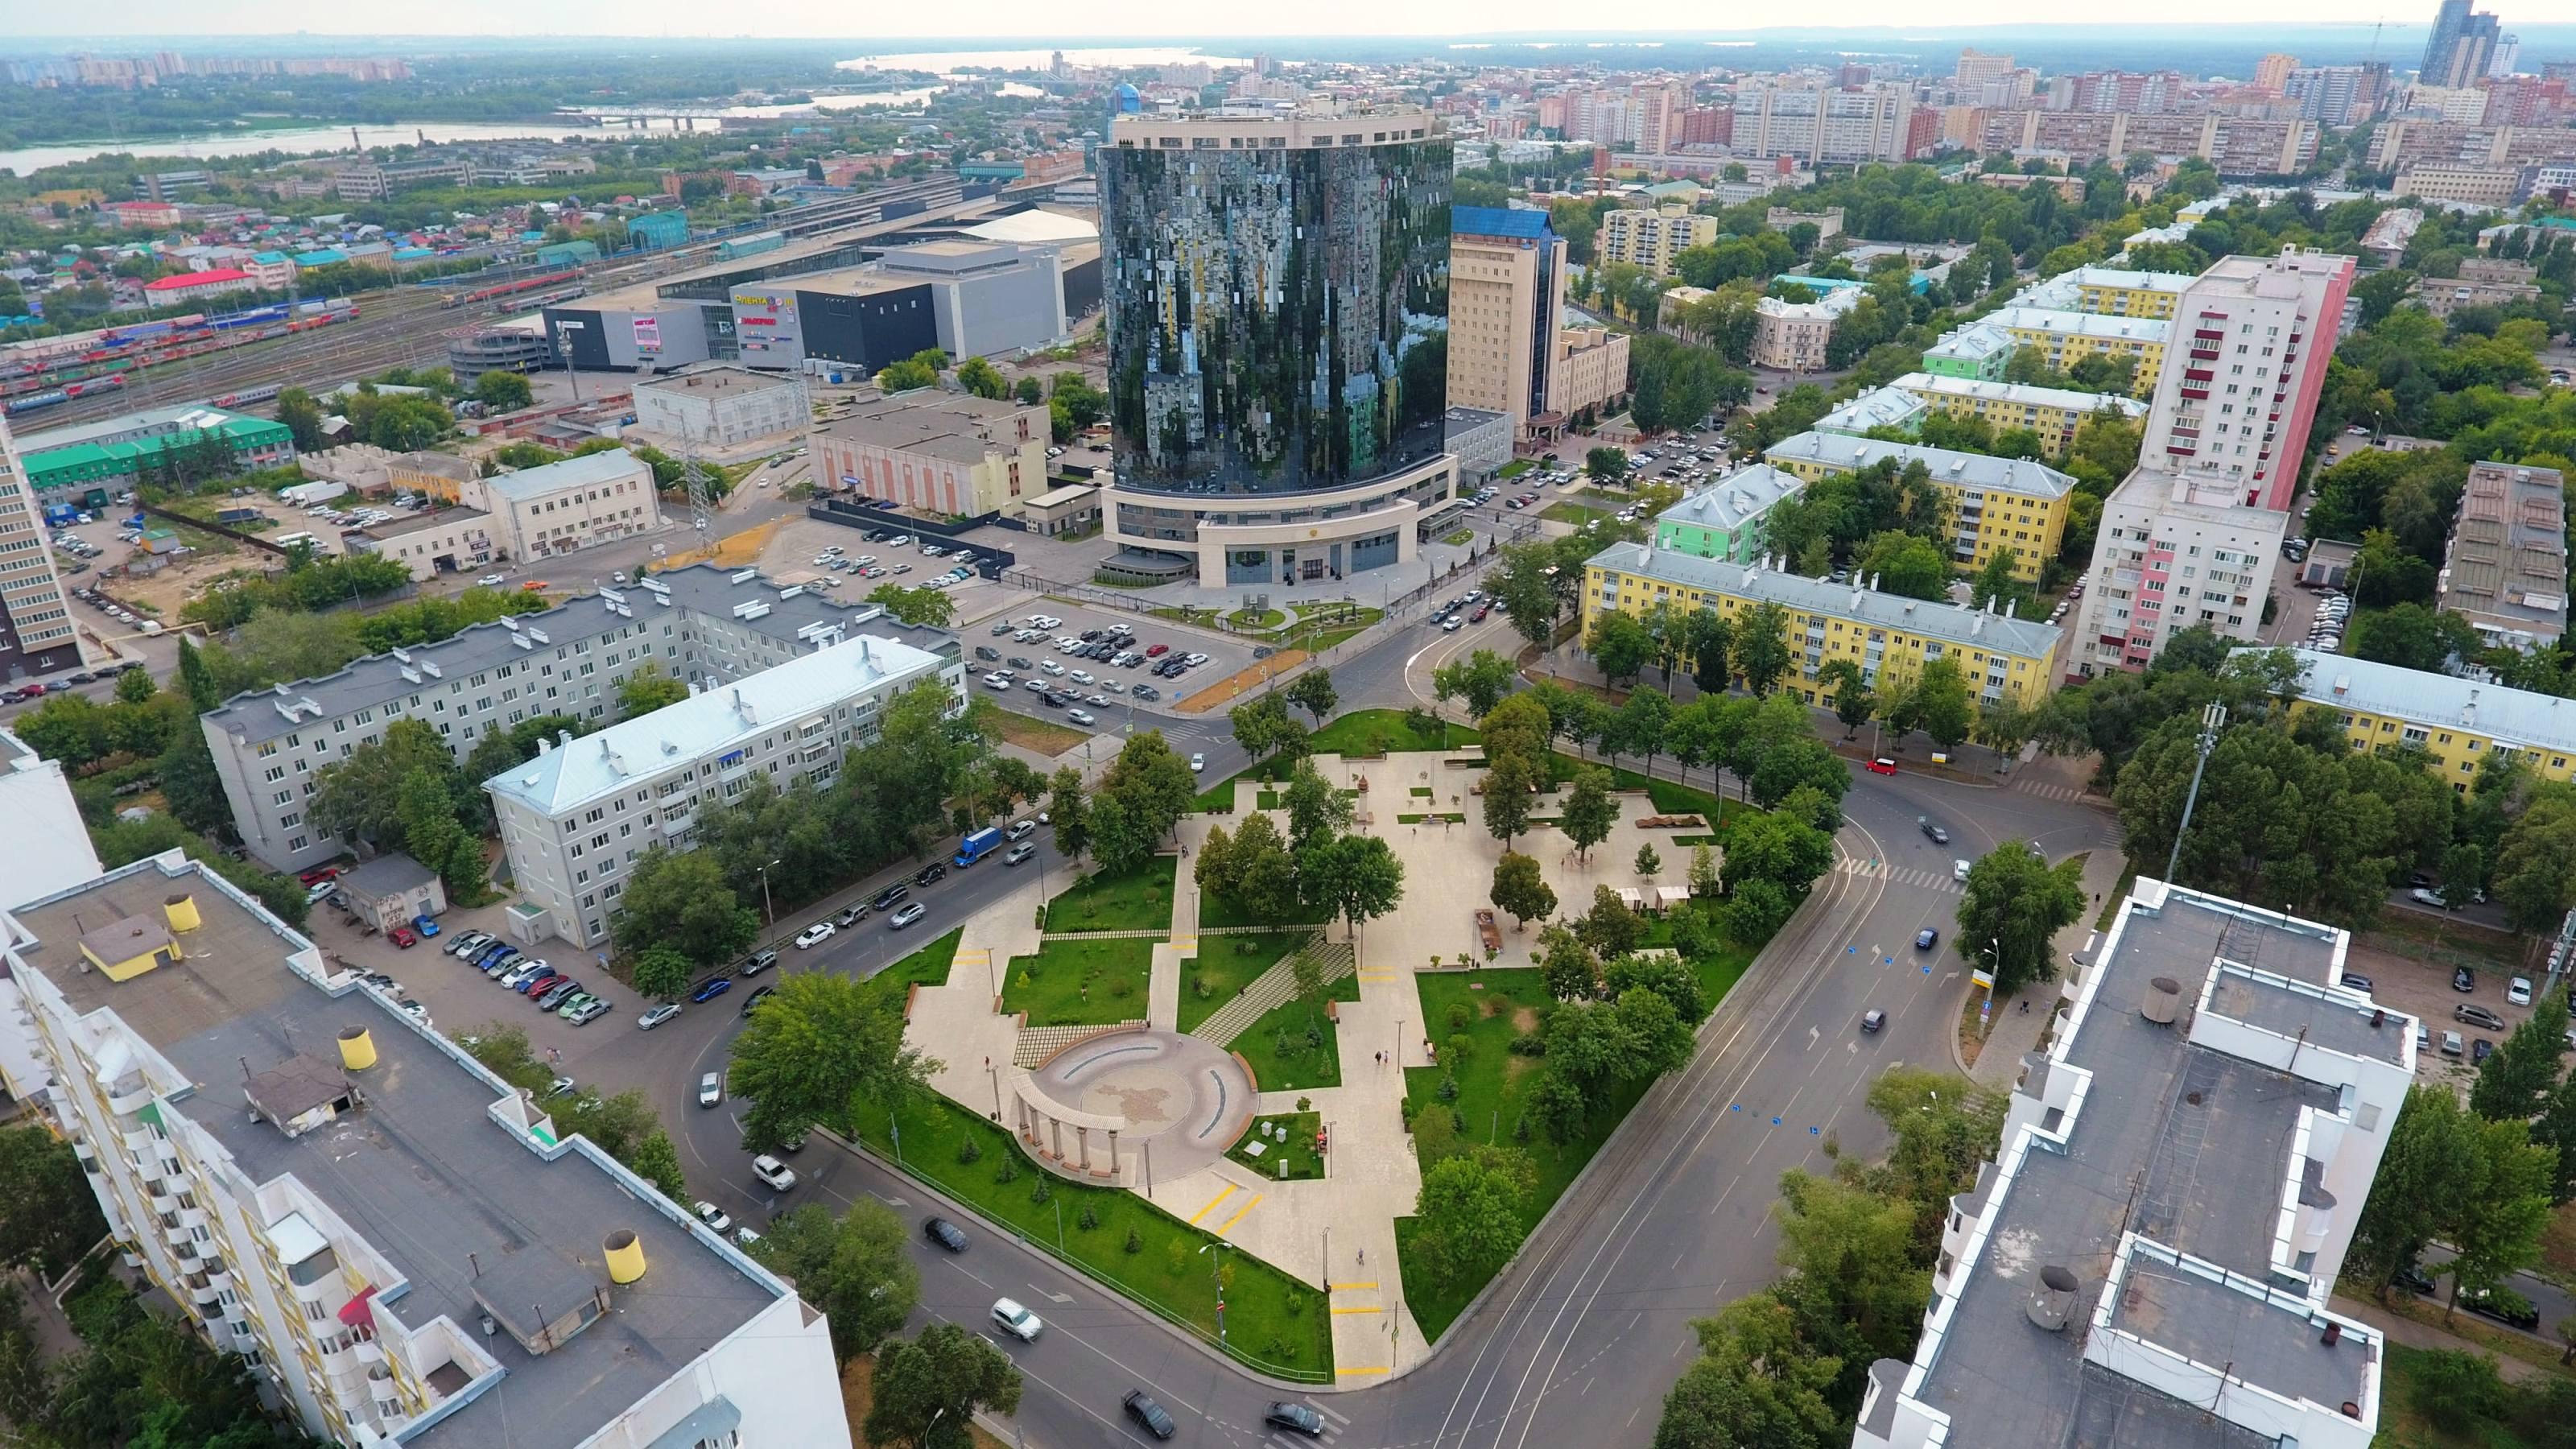 История и достопримечательности улицы Урицкого в Самаре